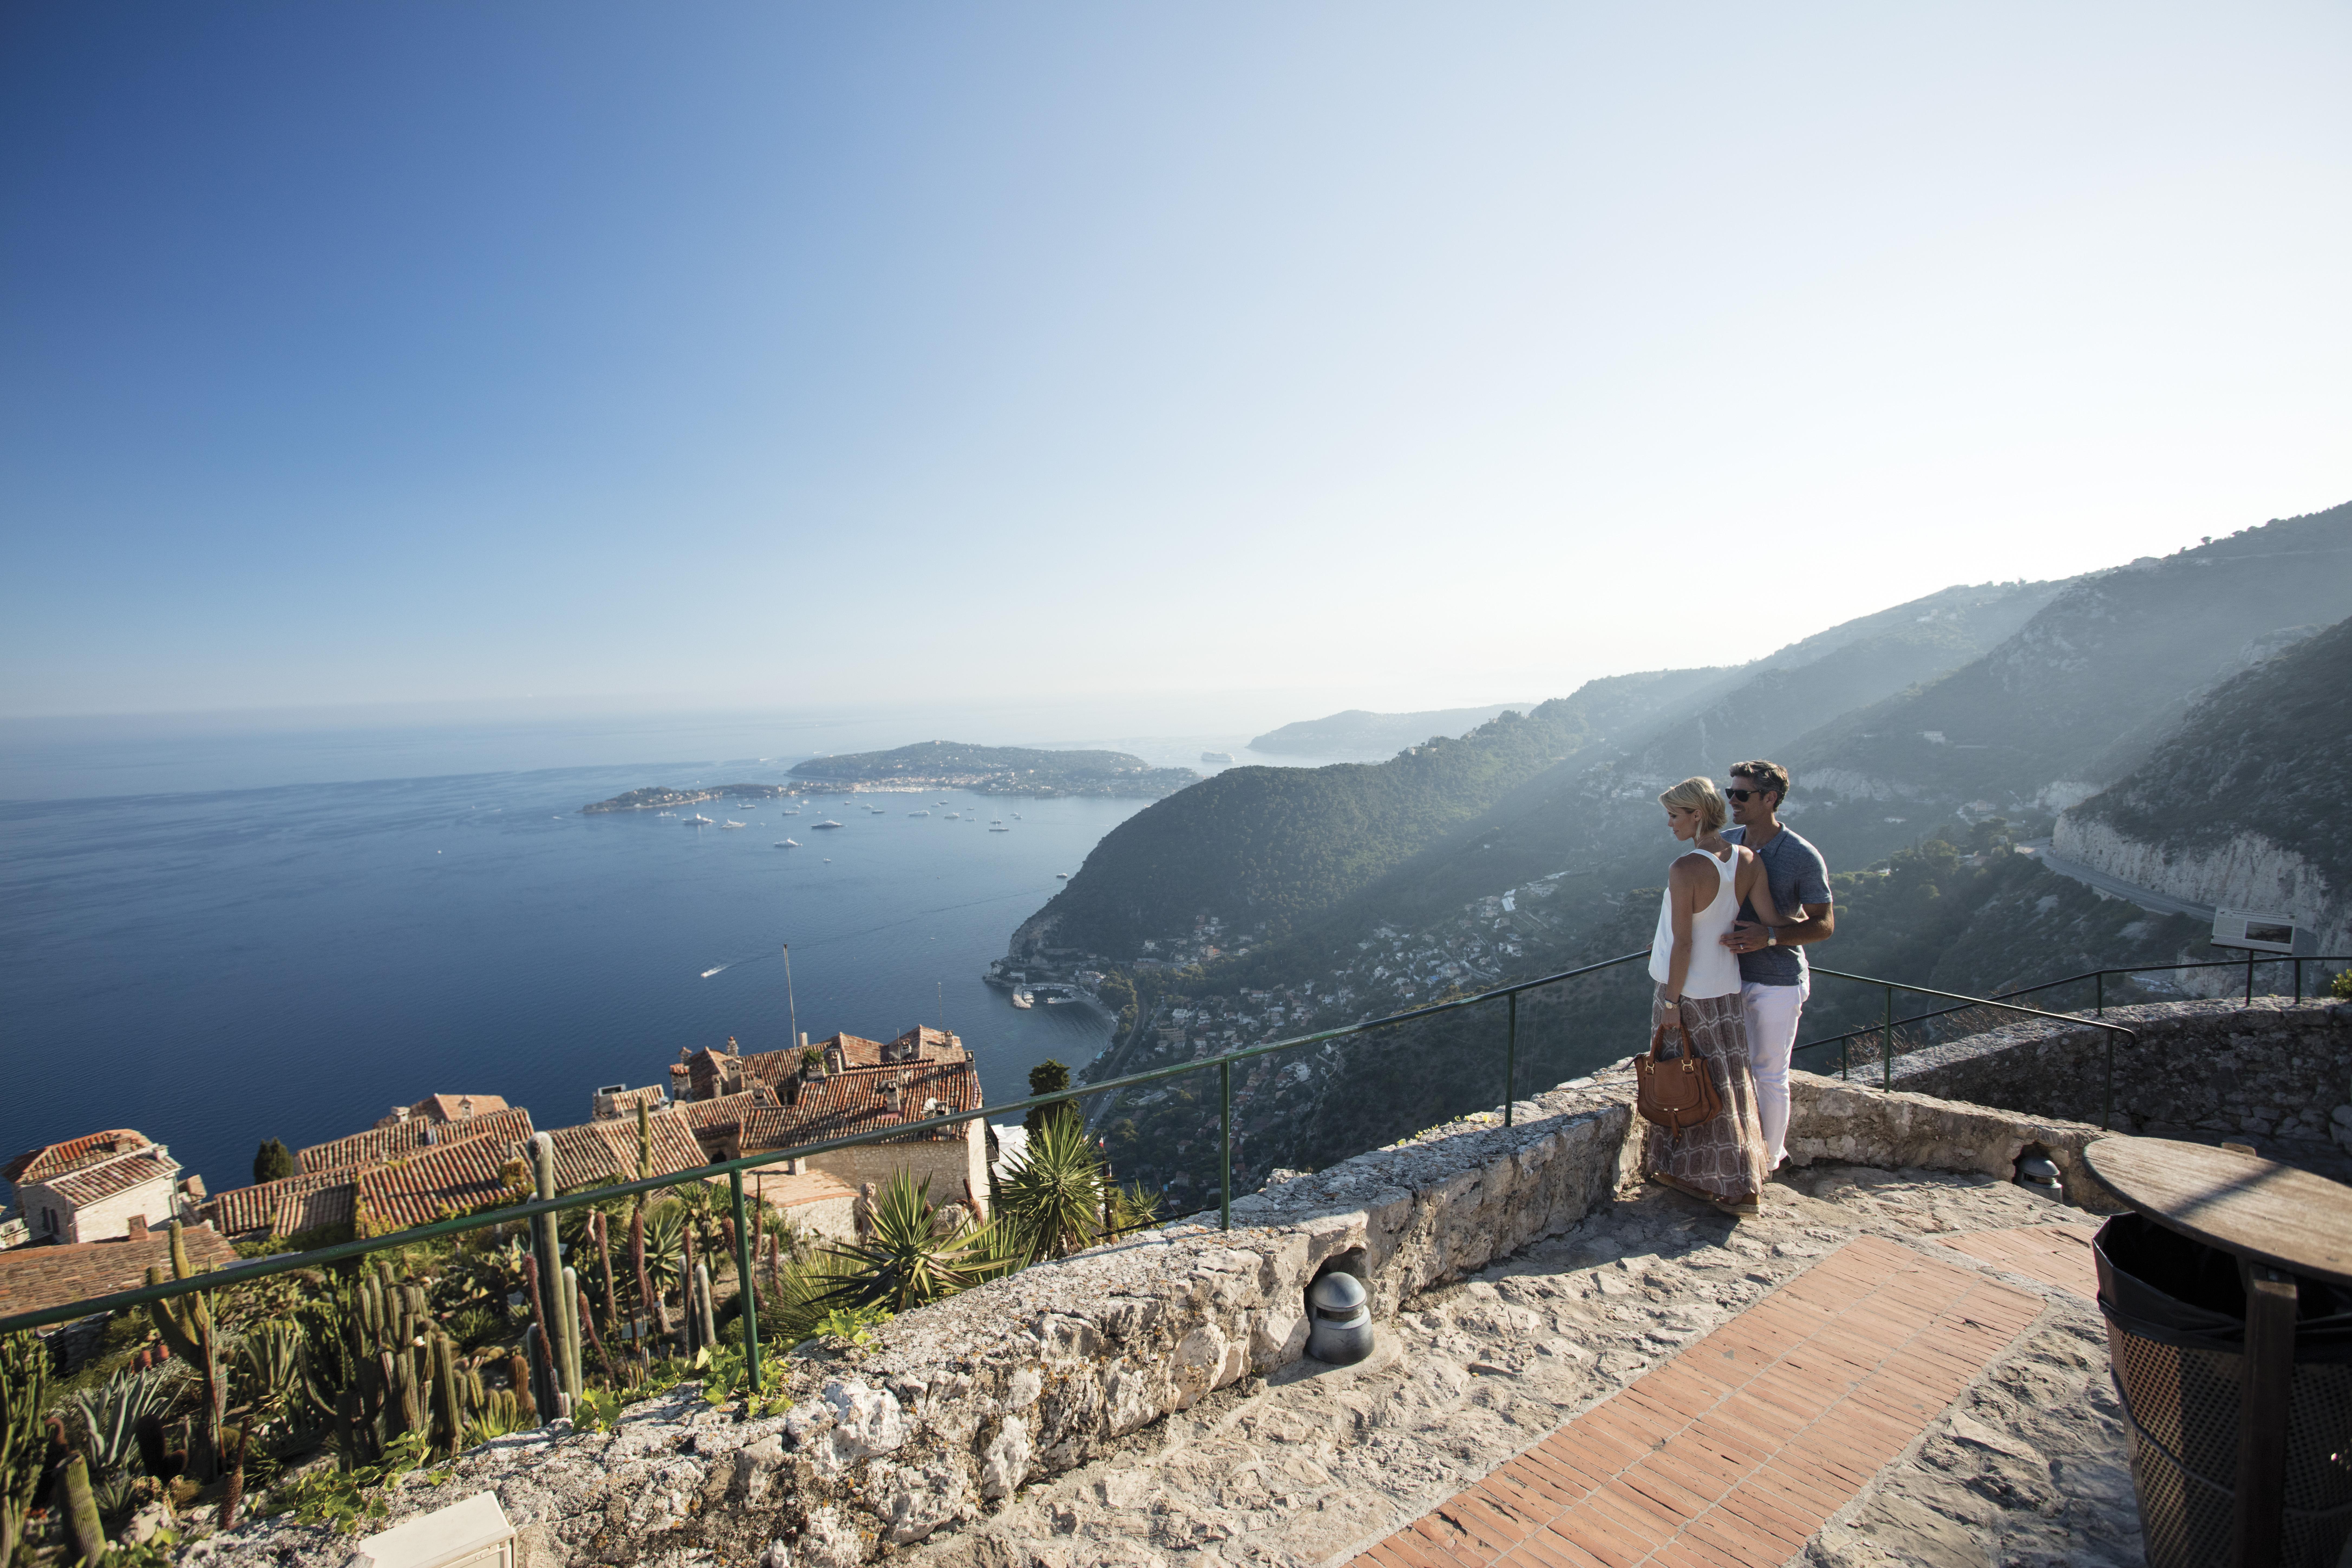 Couple in France overlooking ocean.